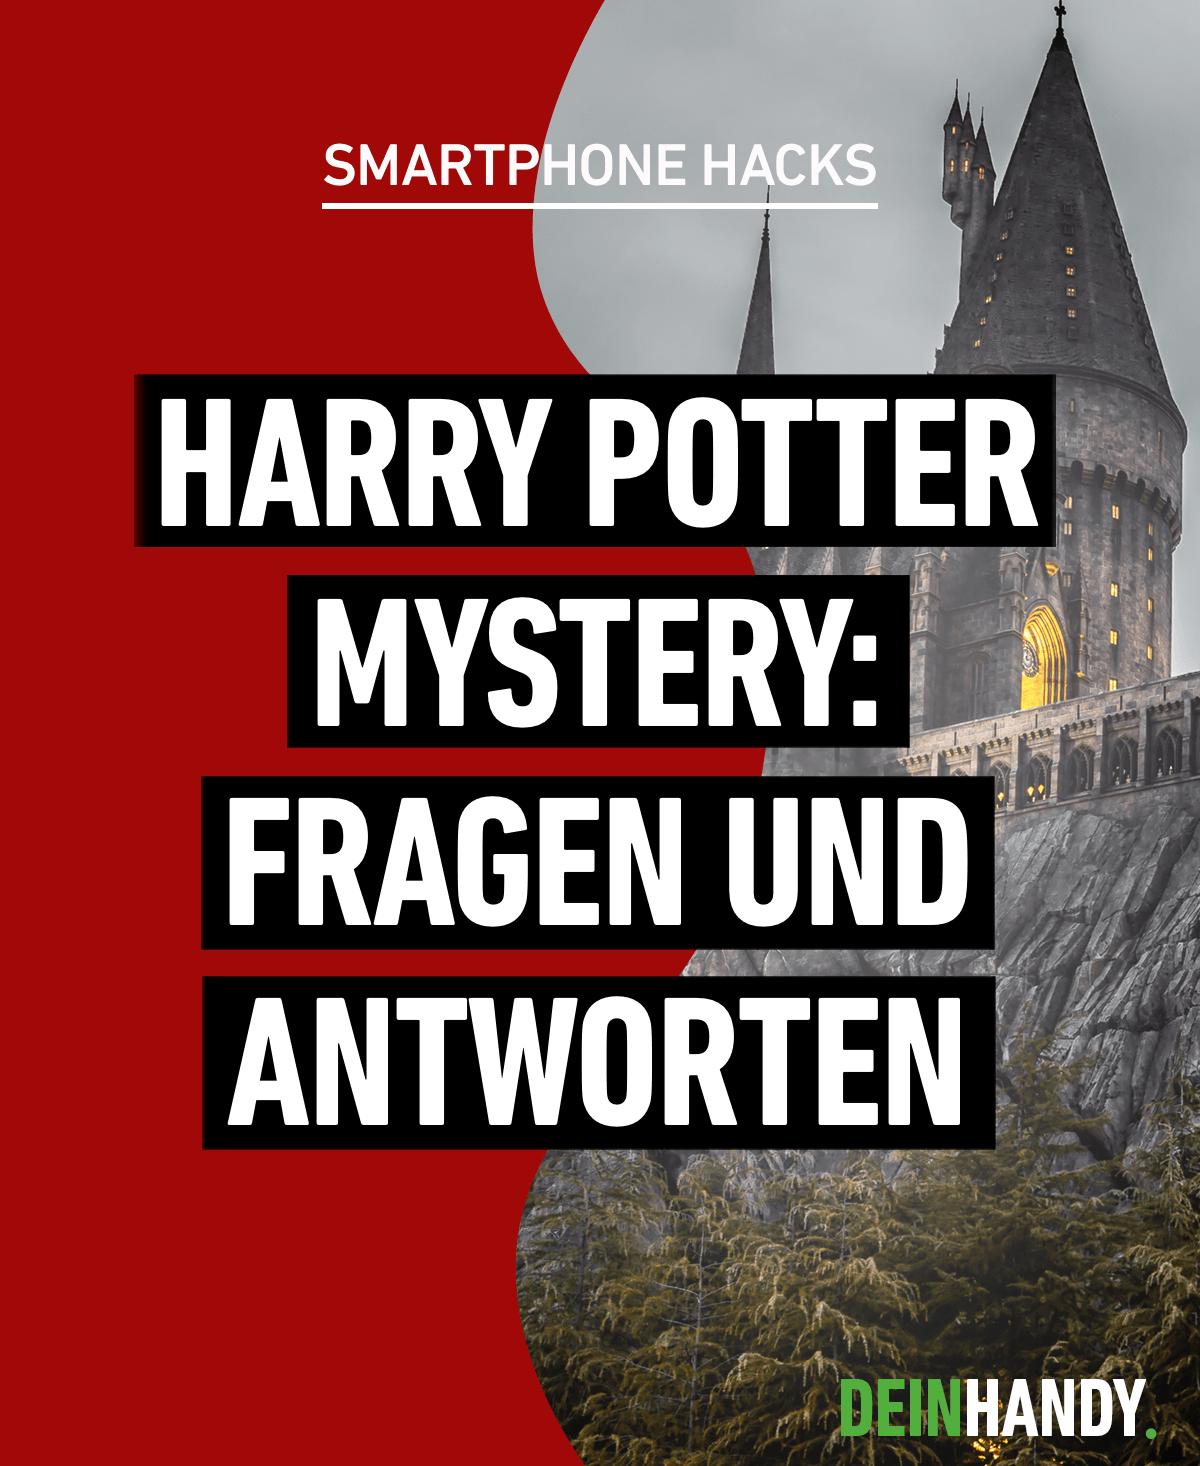 Harry Potter Hogwarts Mystery Fragen Und Antworten Eine Ubersicht Hogwarts Mystery Frage Antwort